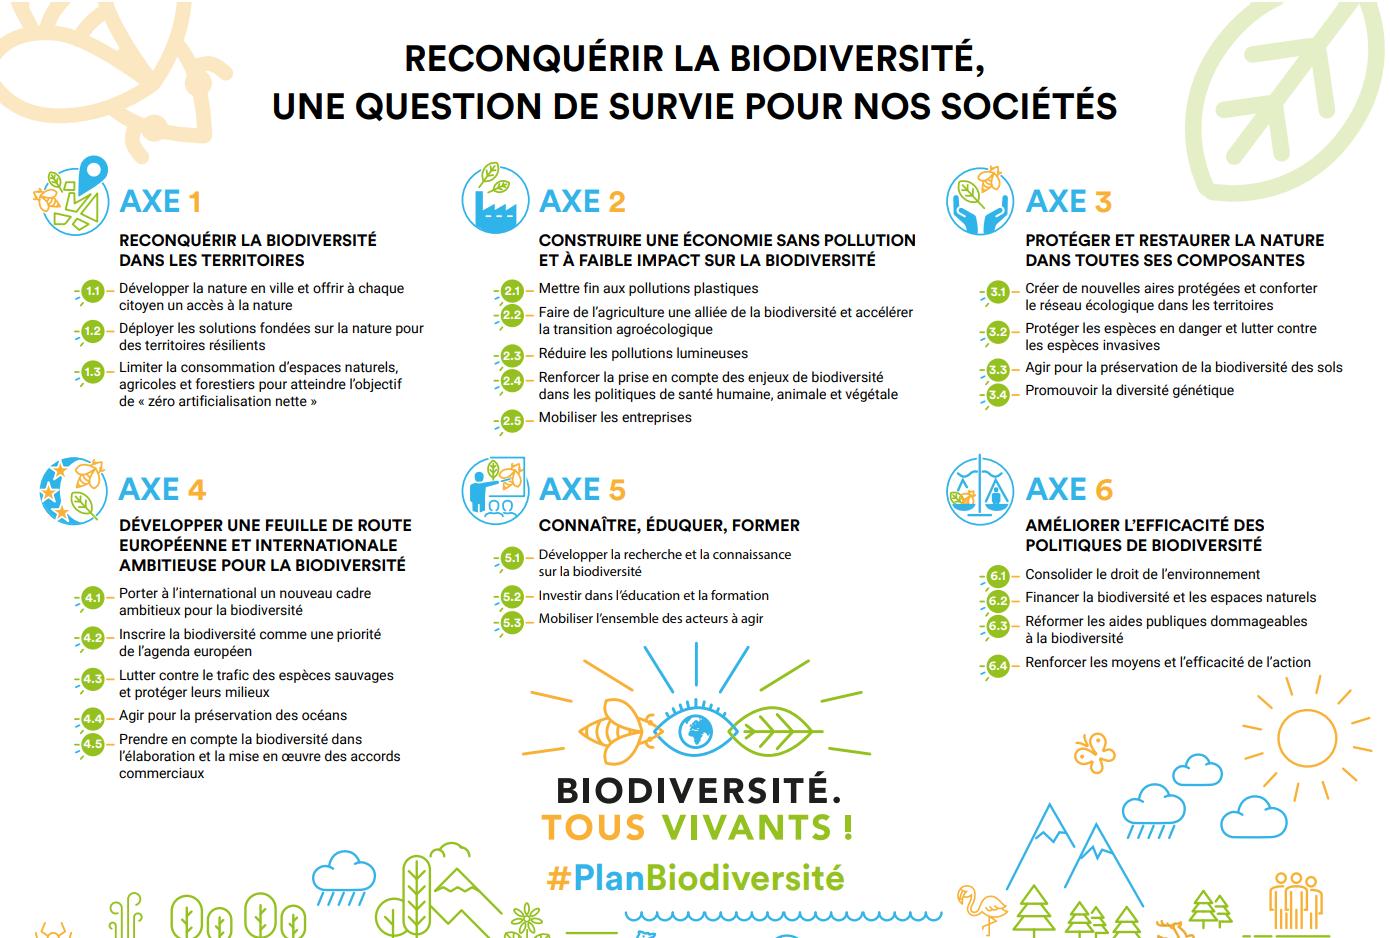 plan-biodiversite-6-axes